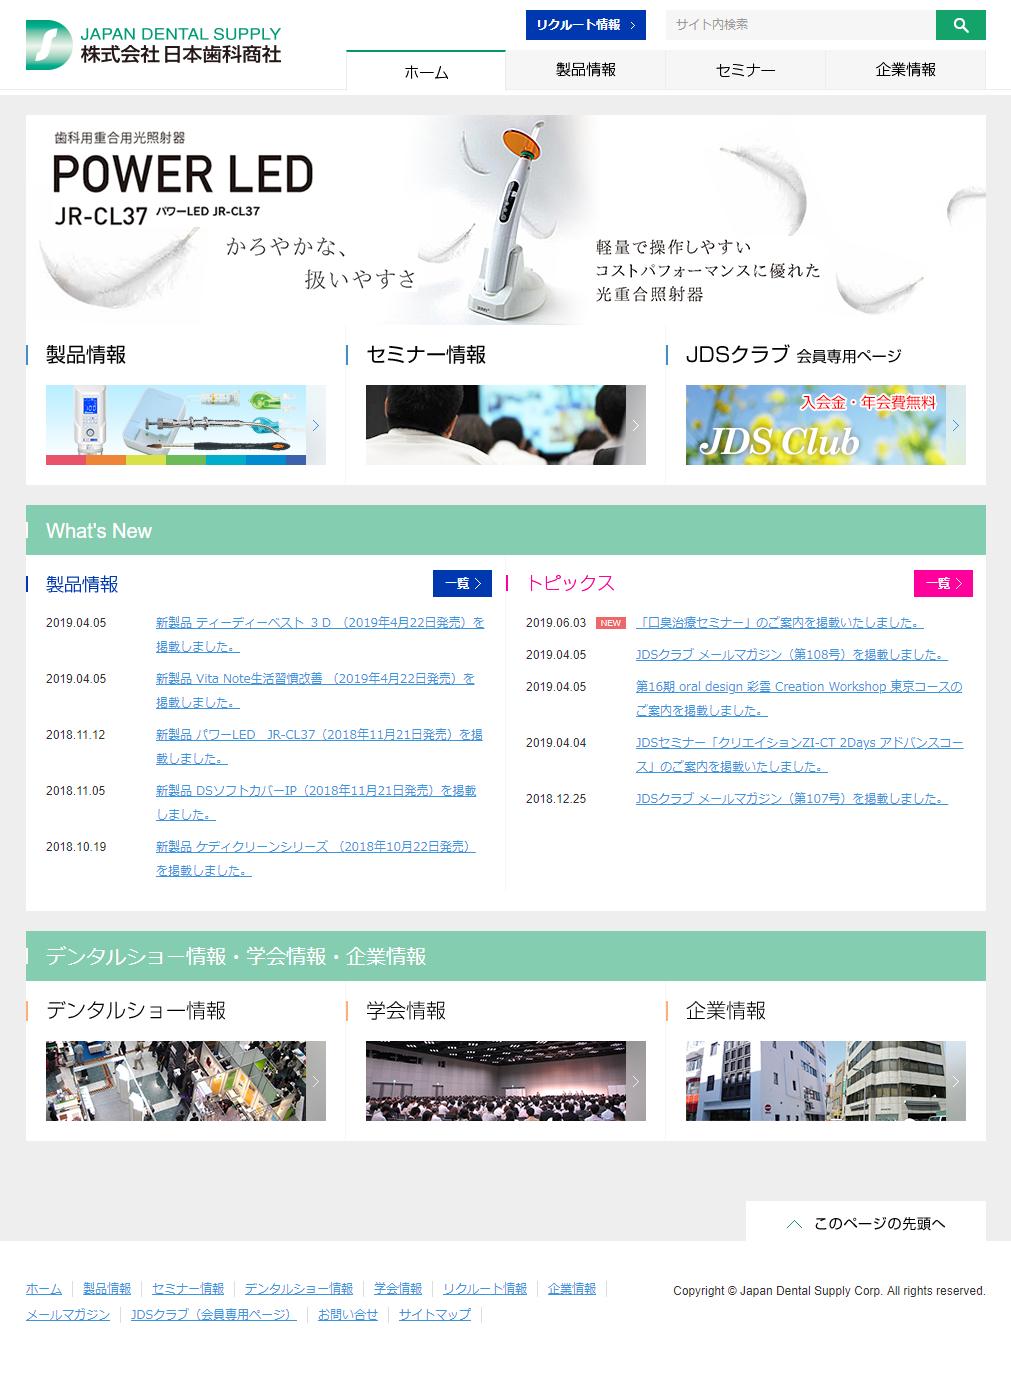 株式会社日本歯科商社 様 歯科医療用薬品・歯科材料・機器具の卸販売 | 日本歯科商社